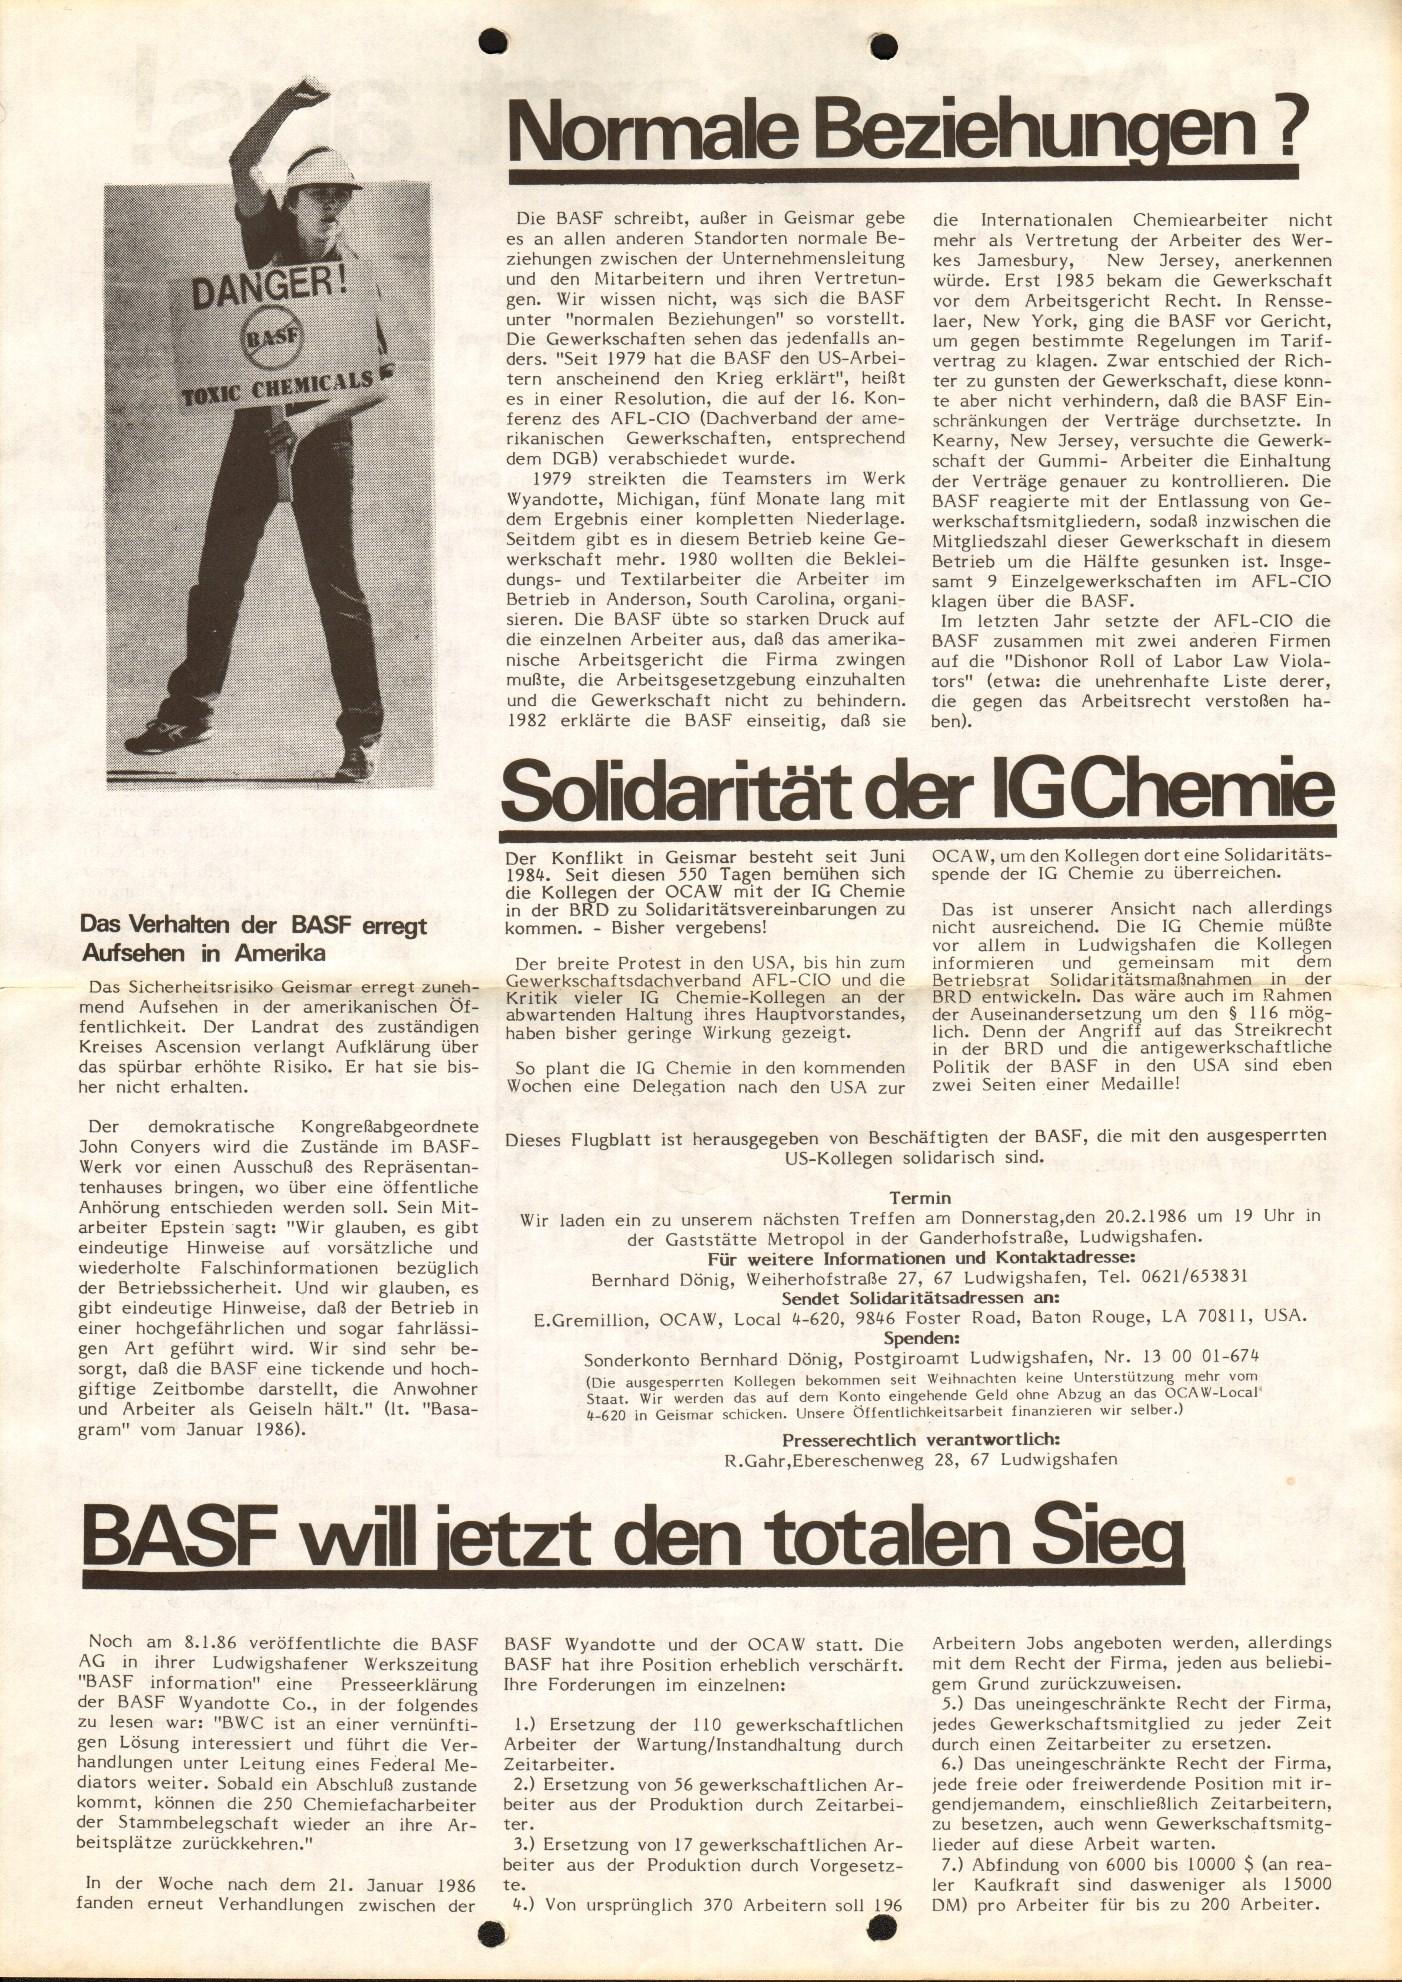 USA_BASF_Aussperrung_in_Geismar_1986_1_02